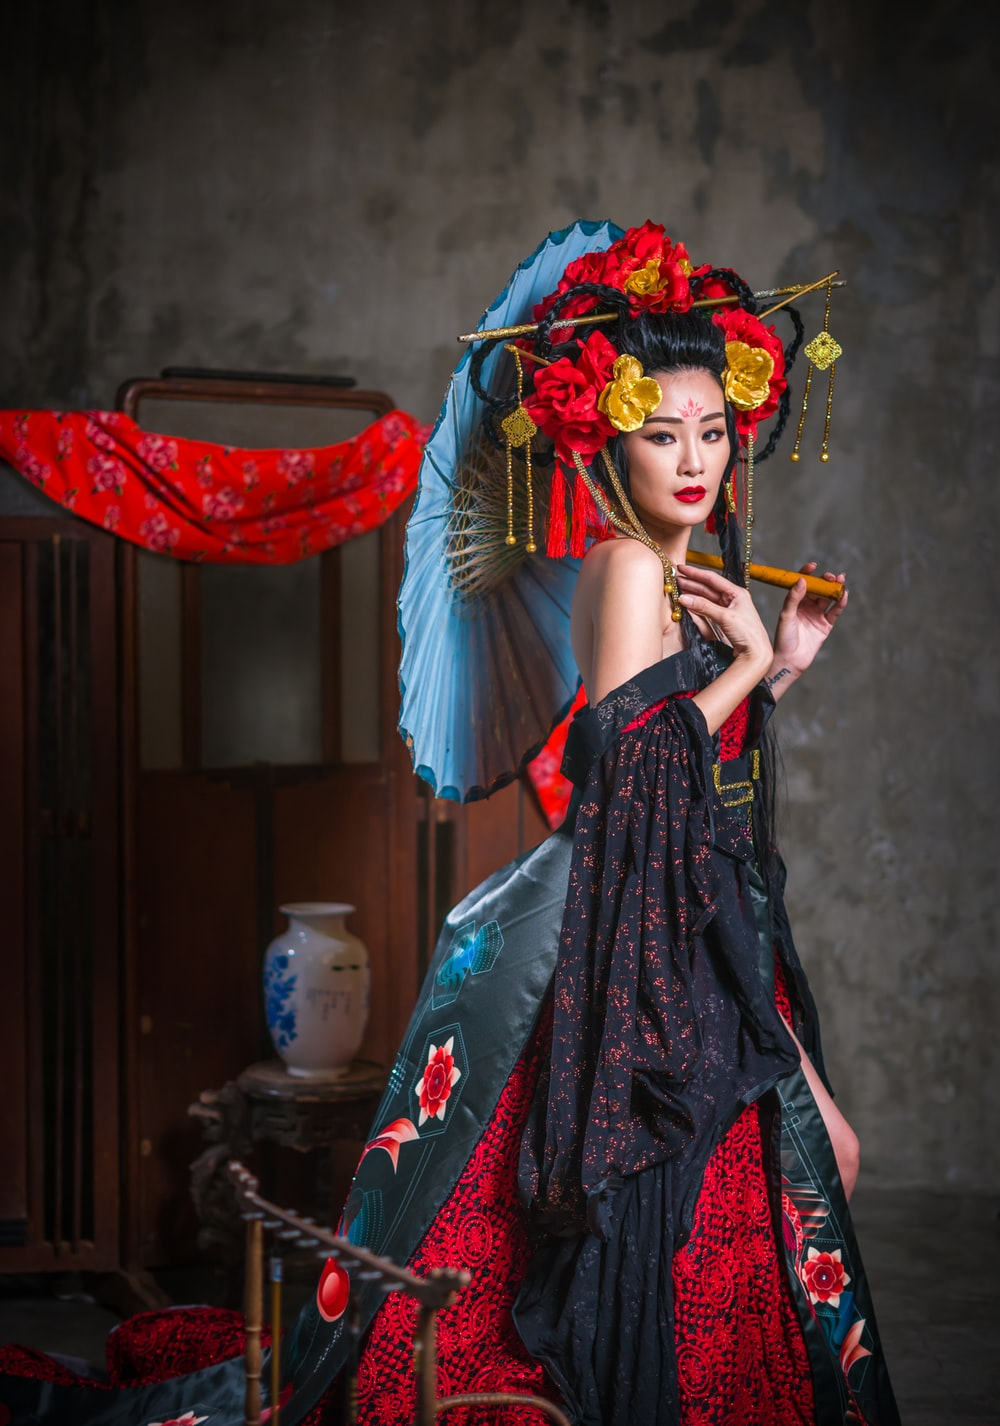 woman in black dress beside wall